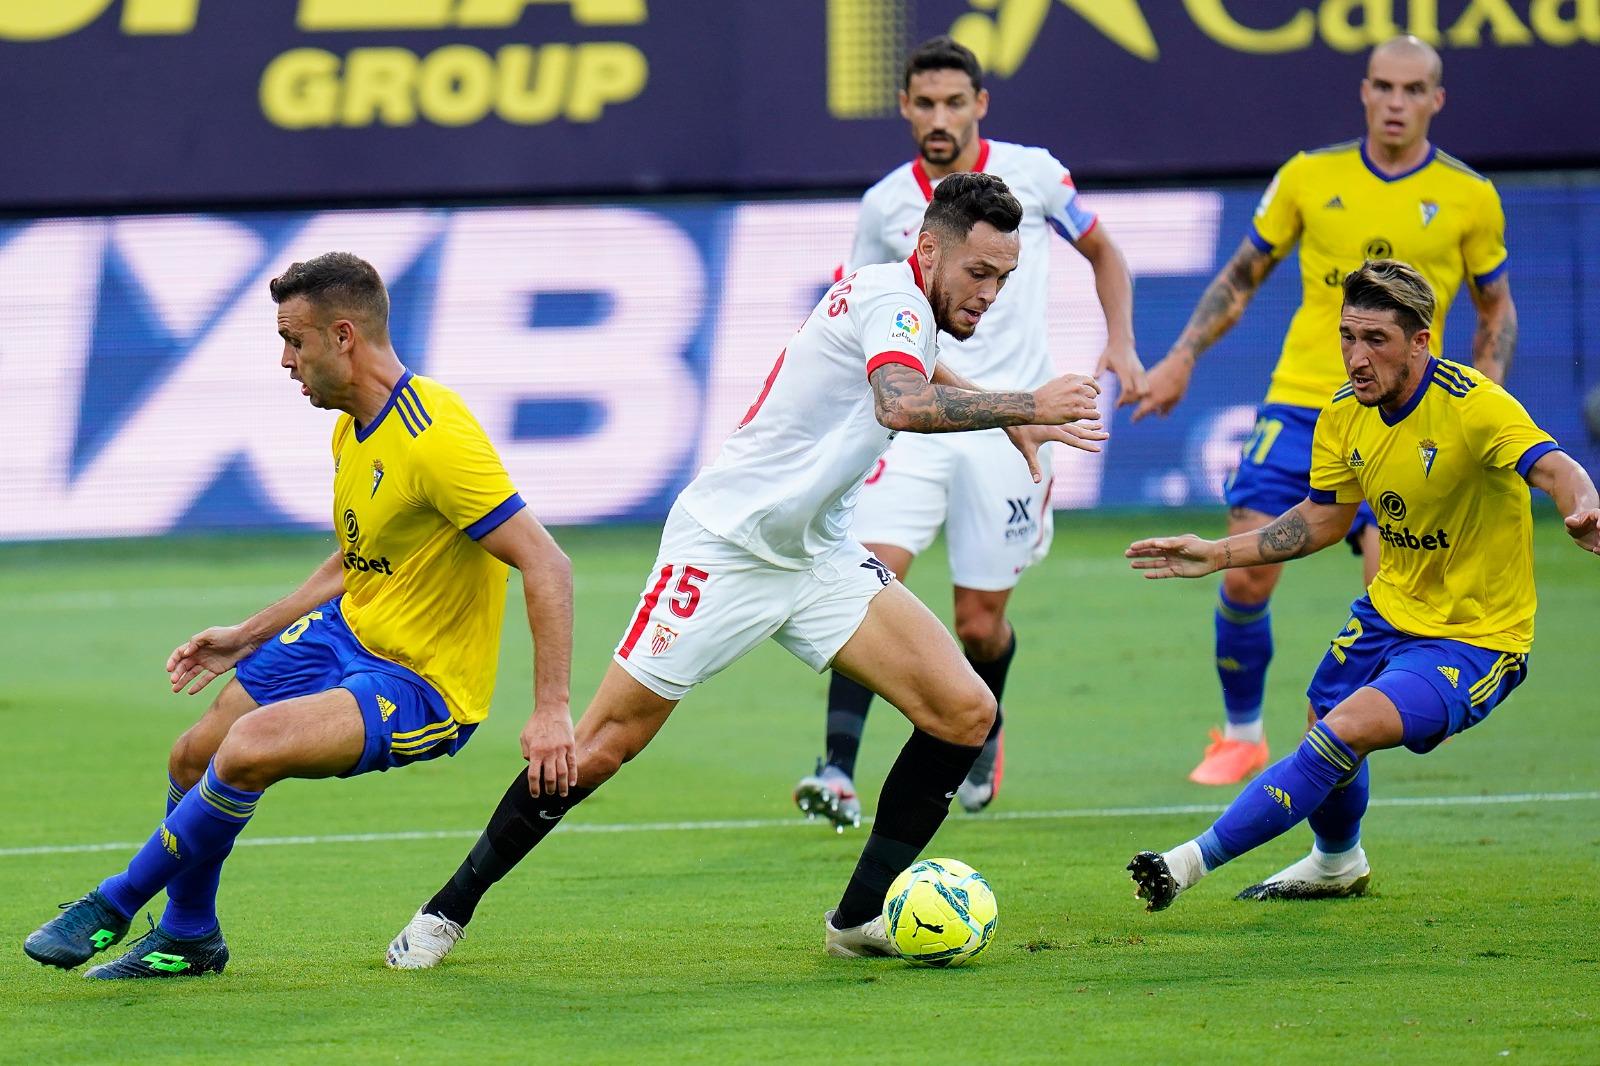 El Sevilla FC debuta en la Liga con victoria en Cádiz